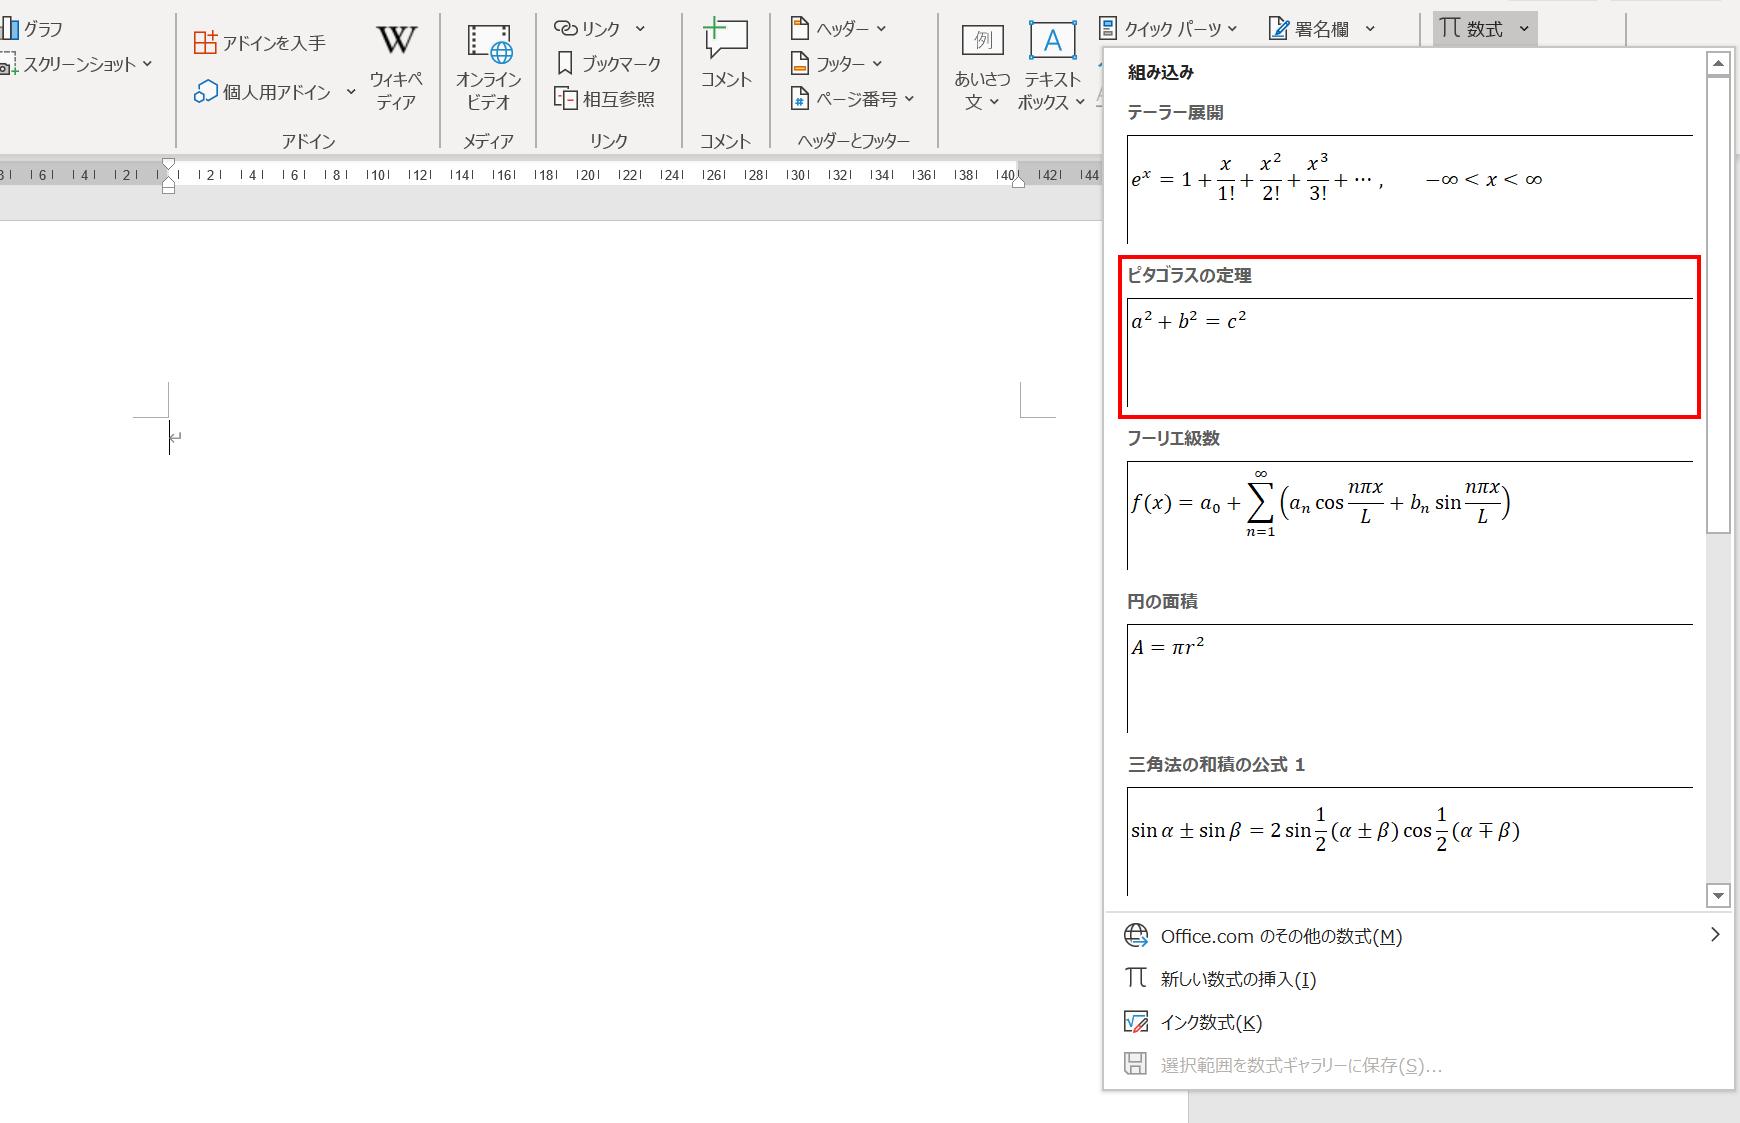 ピタゴラスの定理を選択